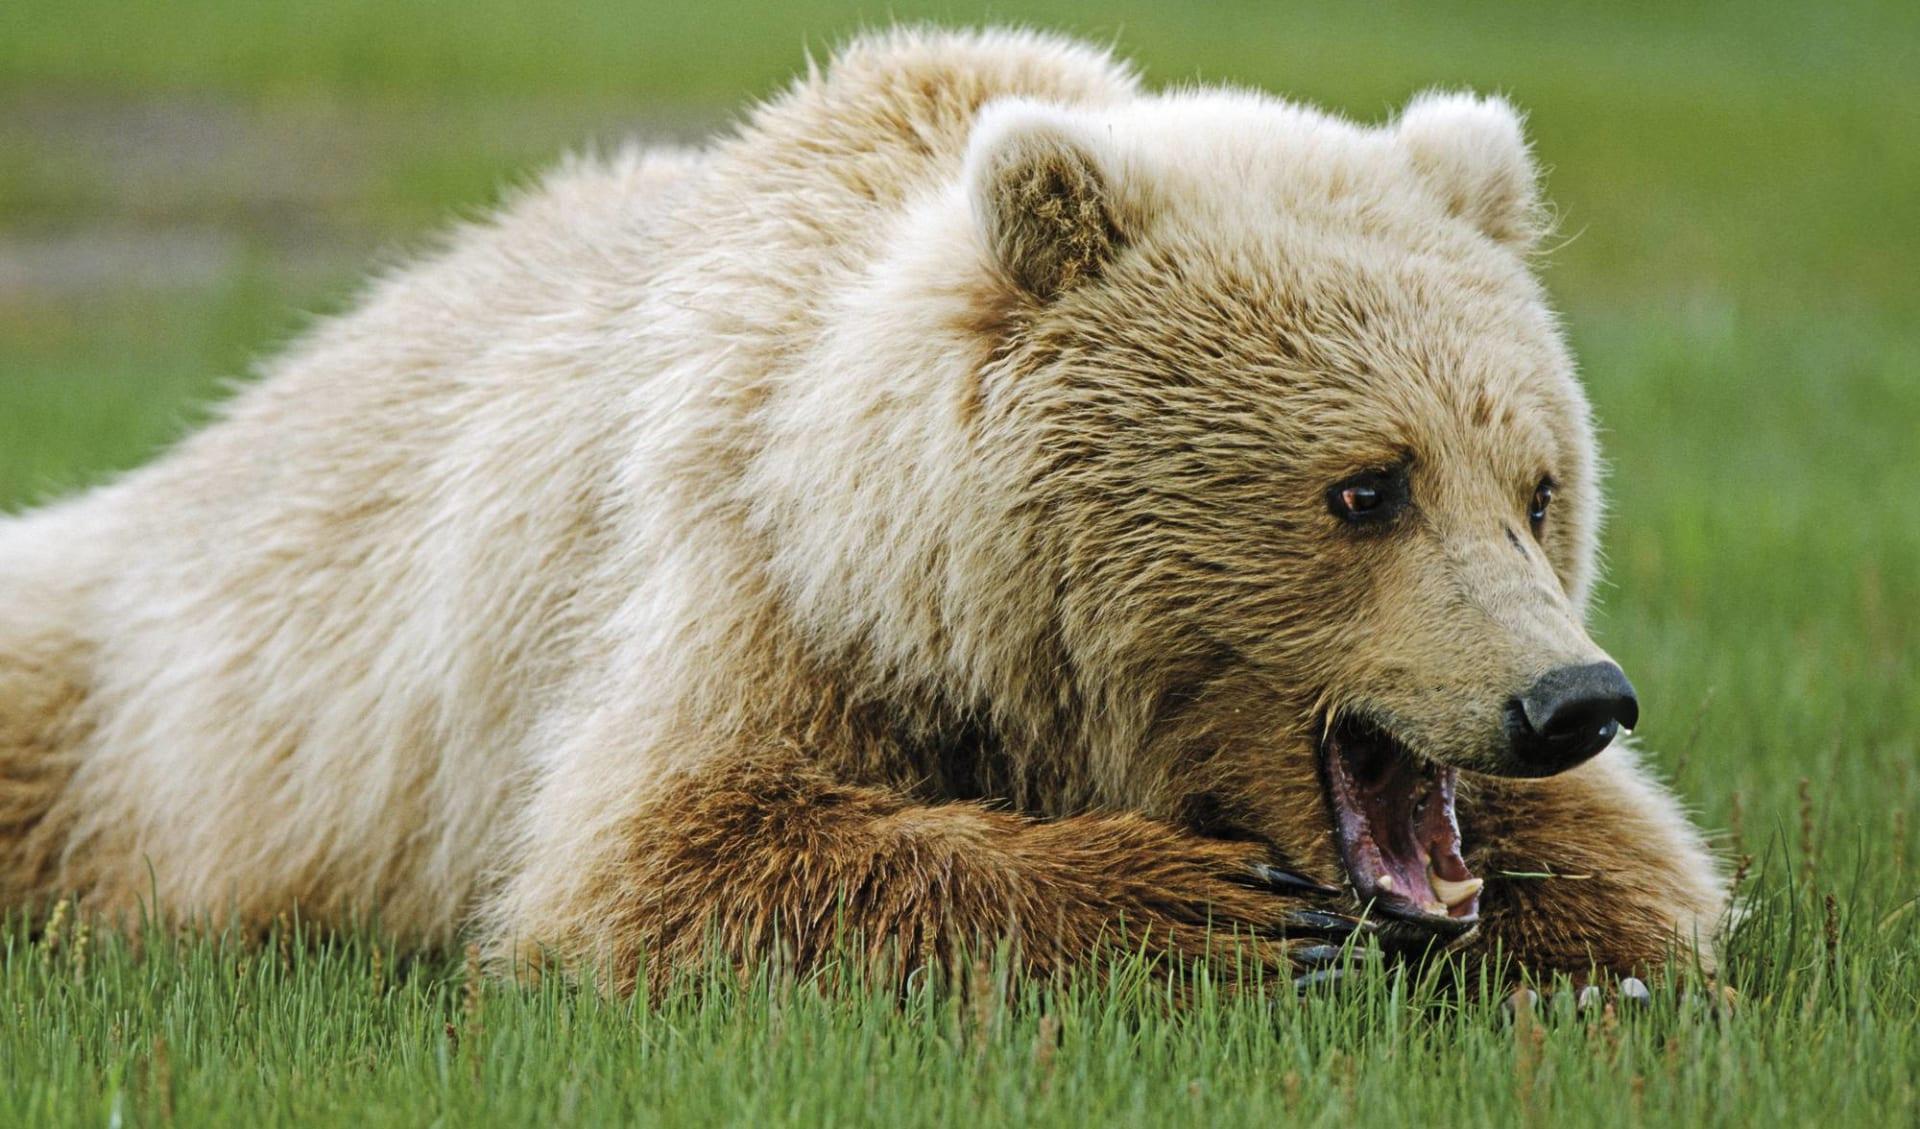 Yukon River Abenteuer ab Whitehorse: Kanada - Yukon - Grizzly im Gras